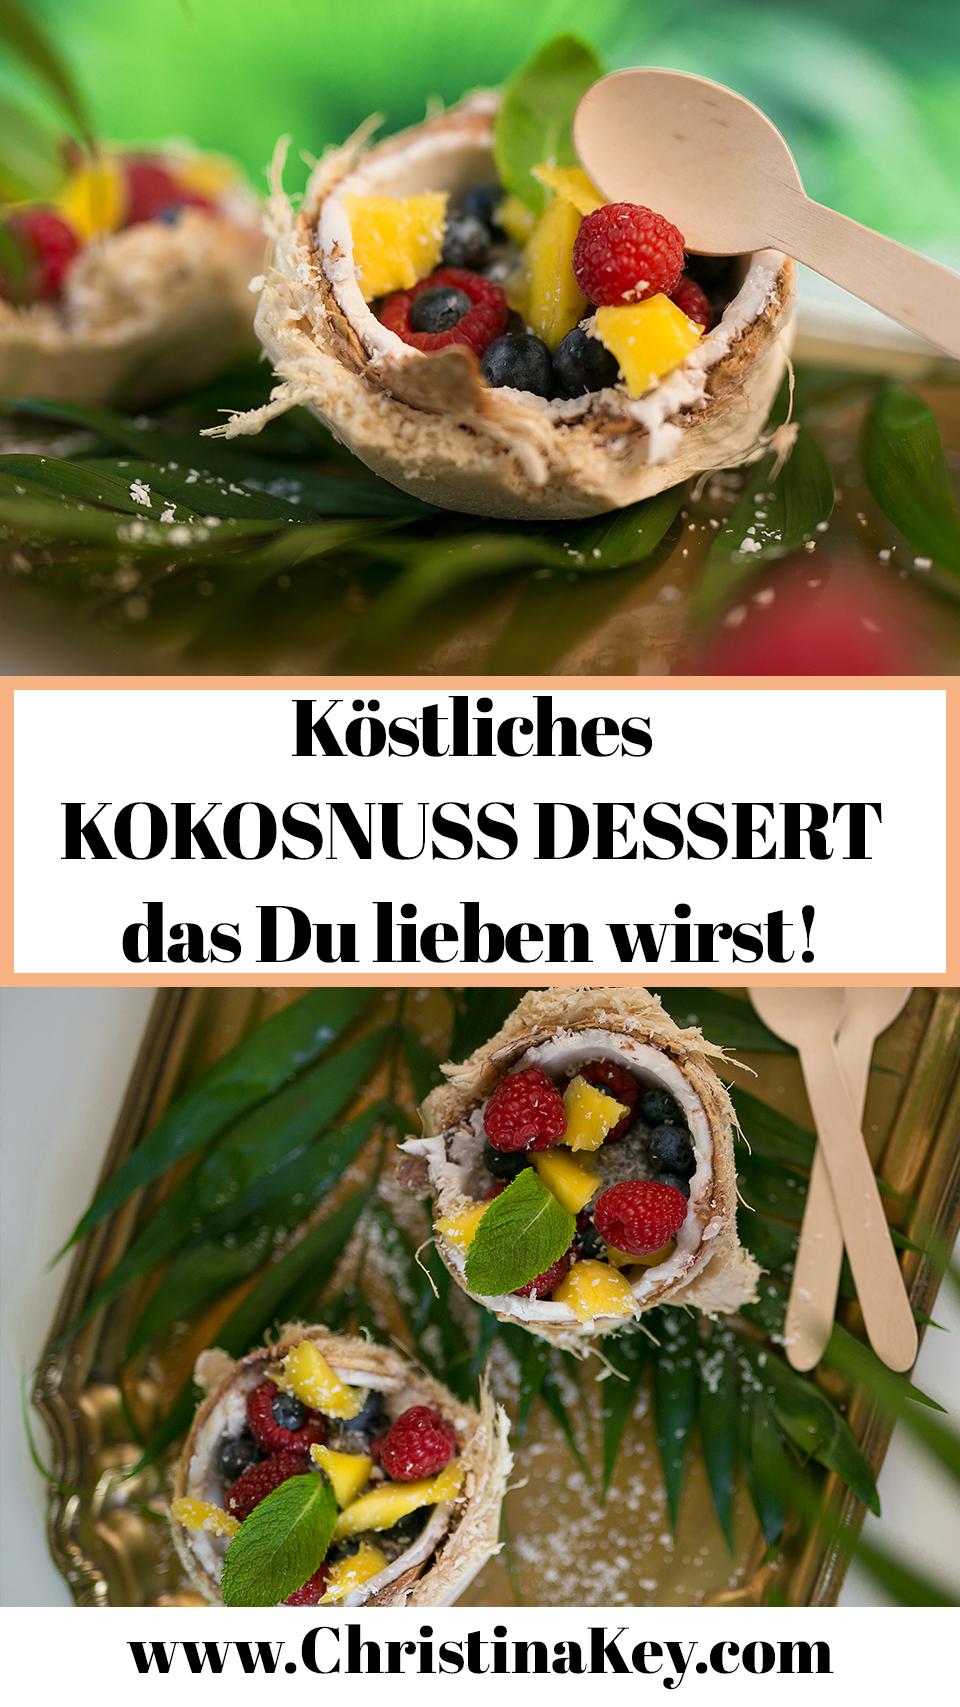 Kokosnuss Dessert